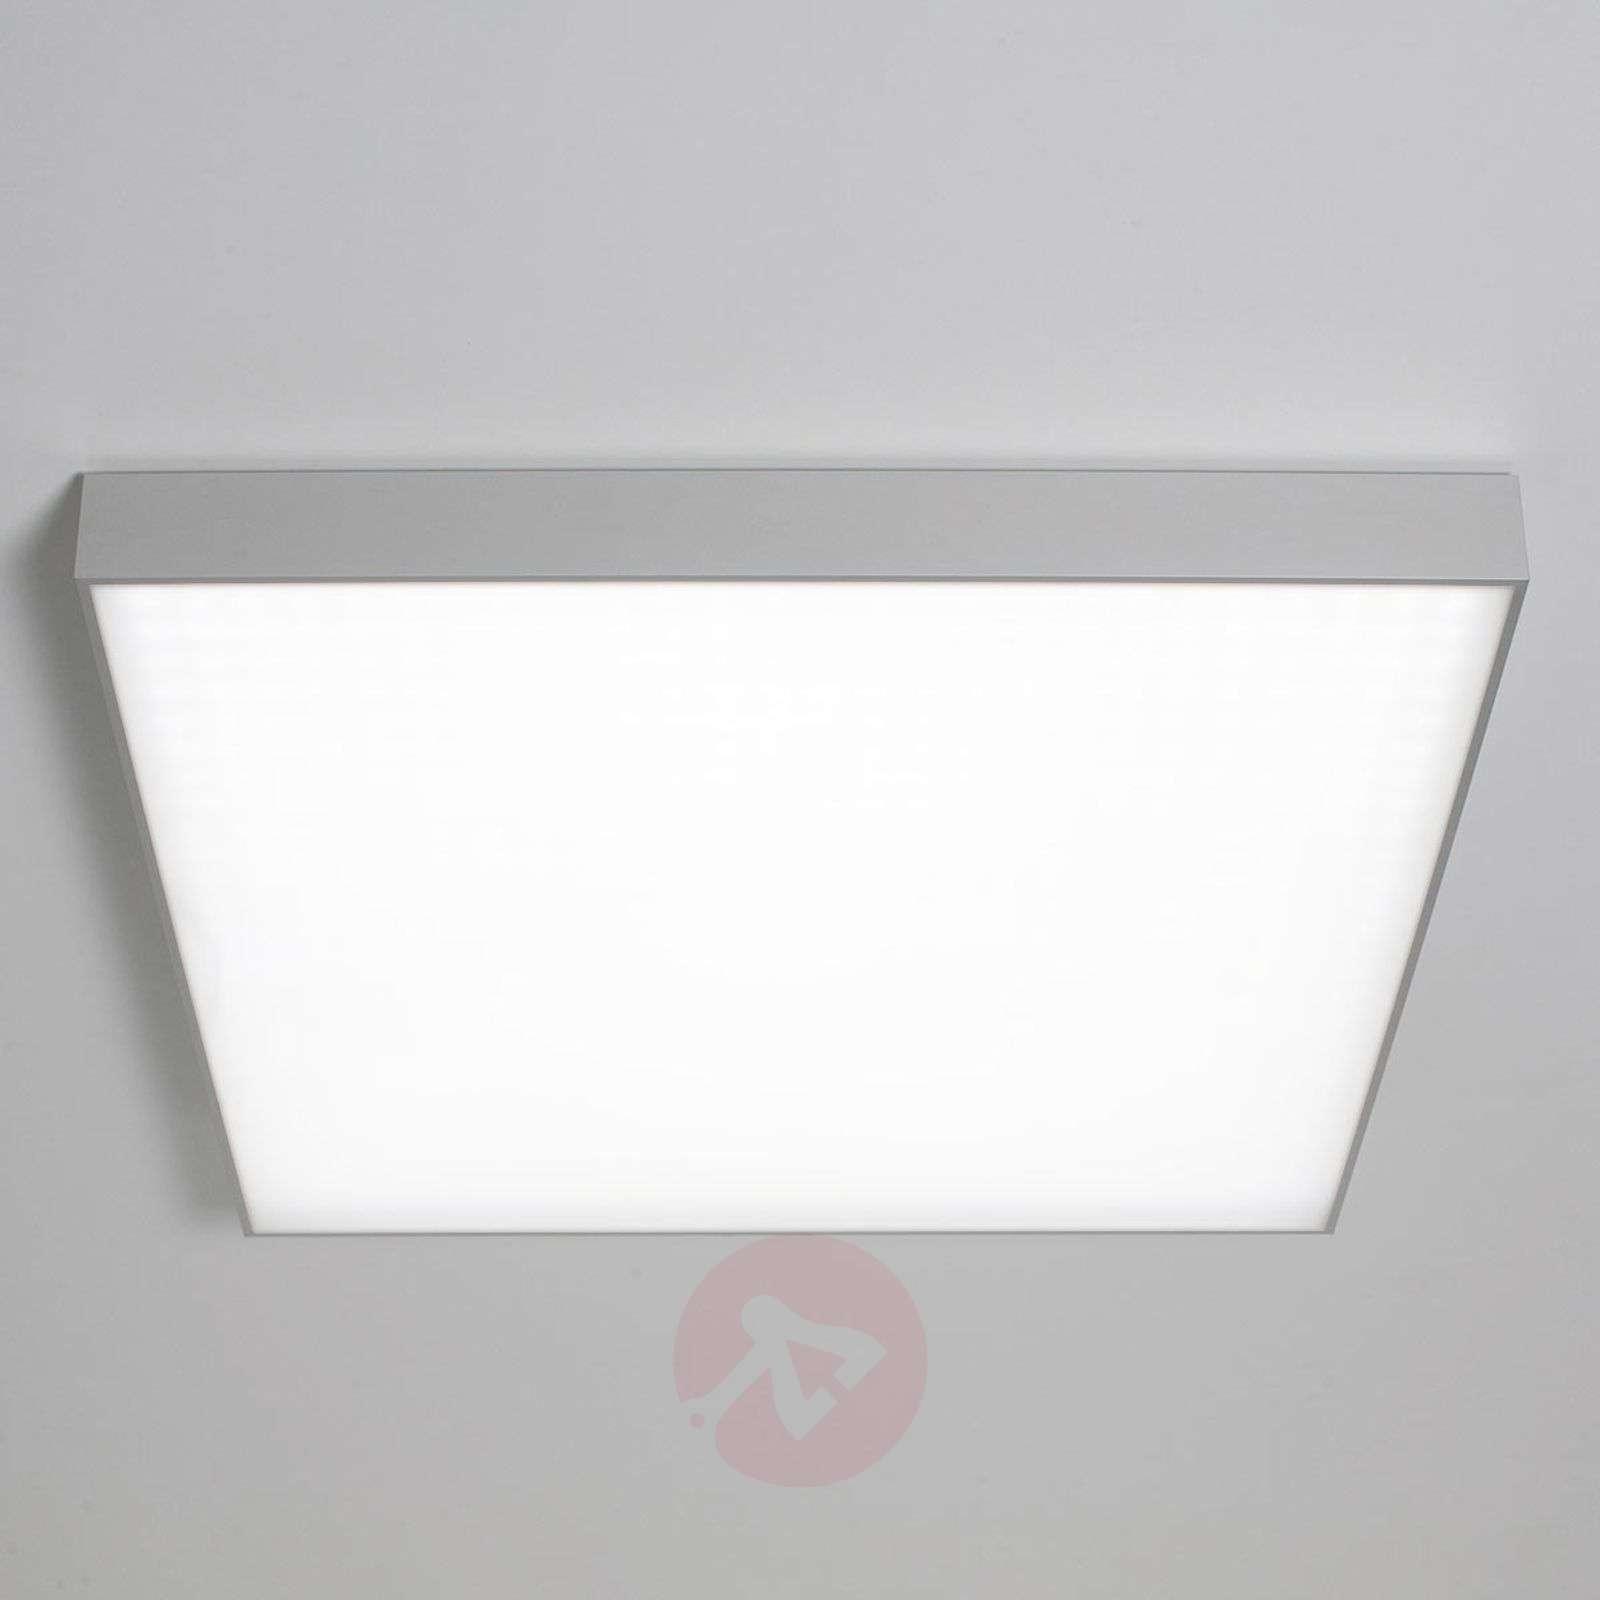 LED-kattolamppu Cadan SD, 63 cm, hopea, 3000K-6523806-01